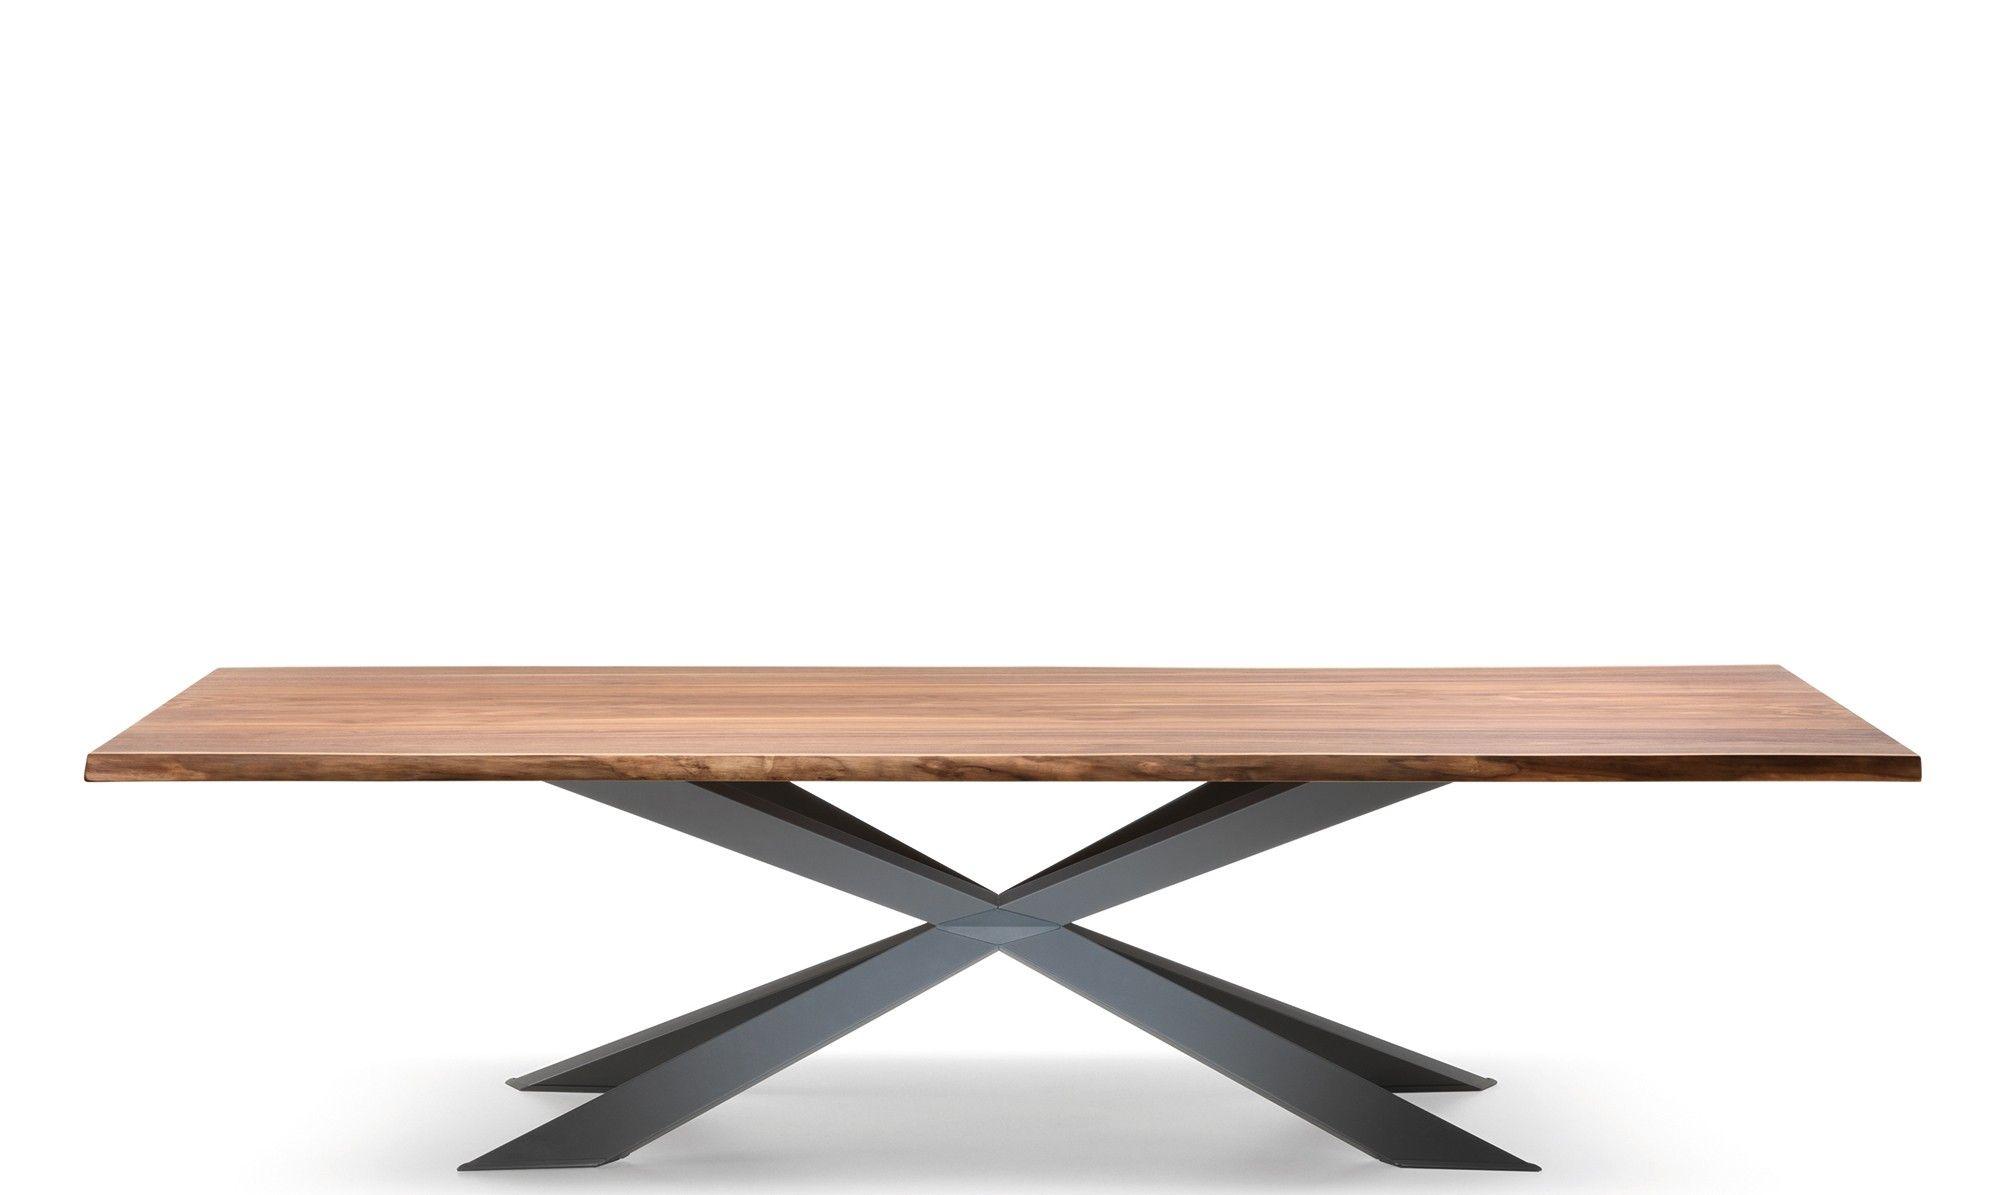 Cattelan Italia Spyder Wood   300cm X 120cm Dining Table Matt Graphite Base